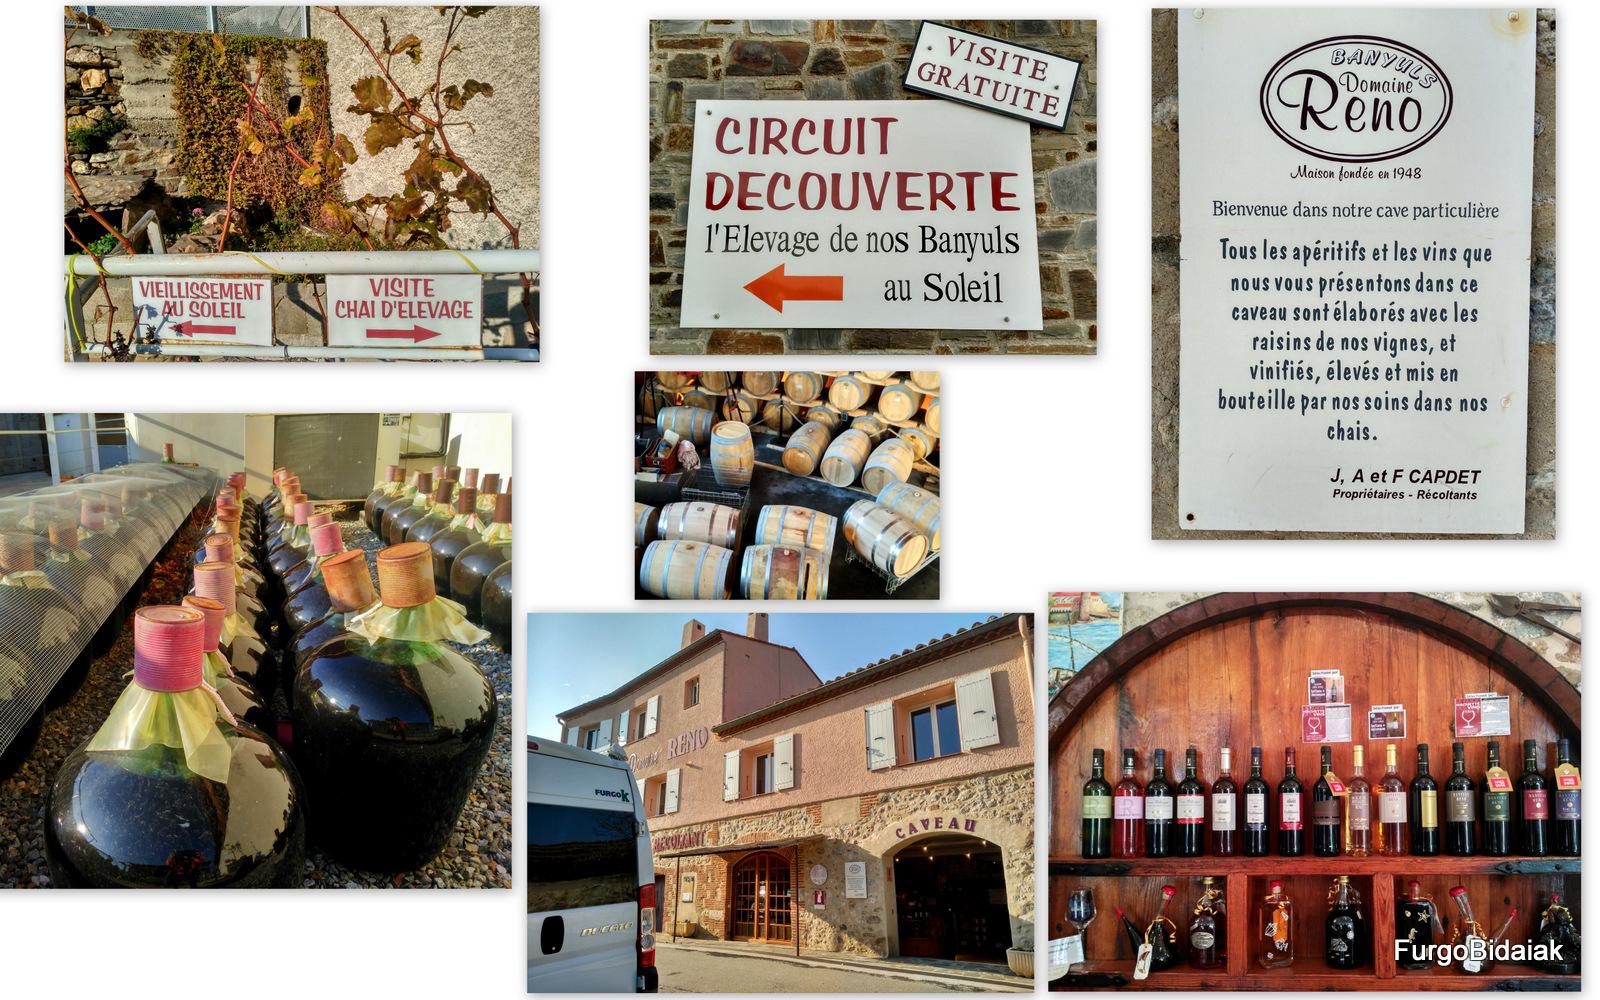 Domeine Reno,vin de Banyuls